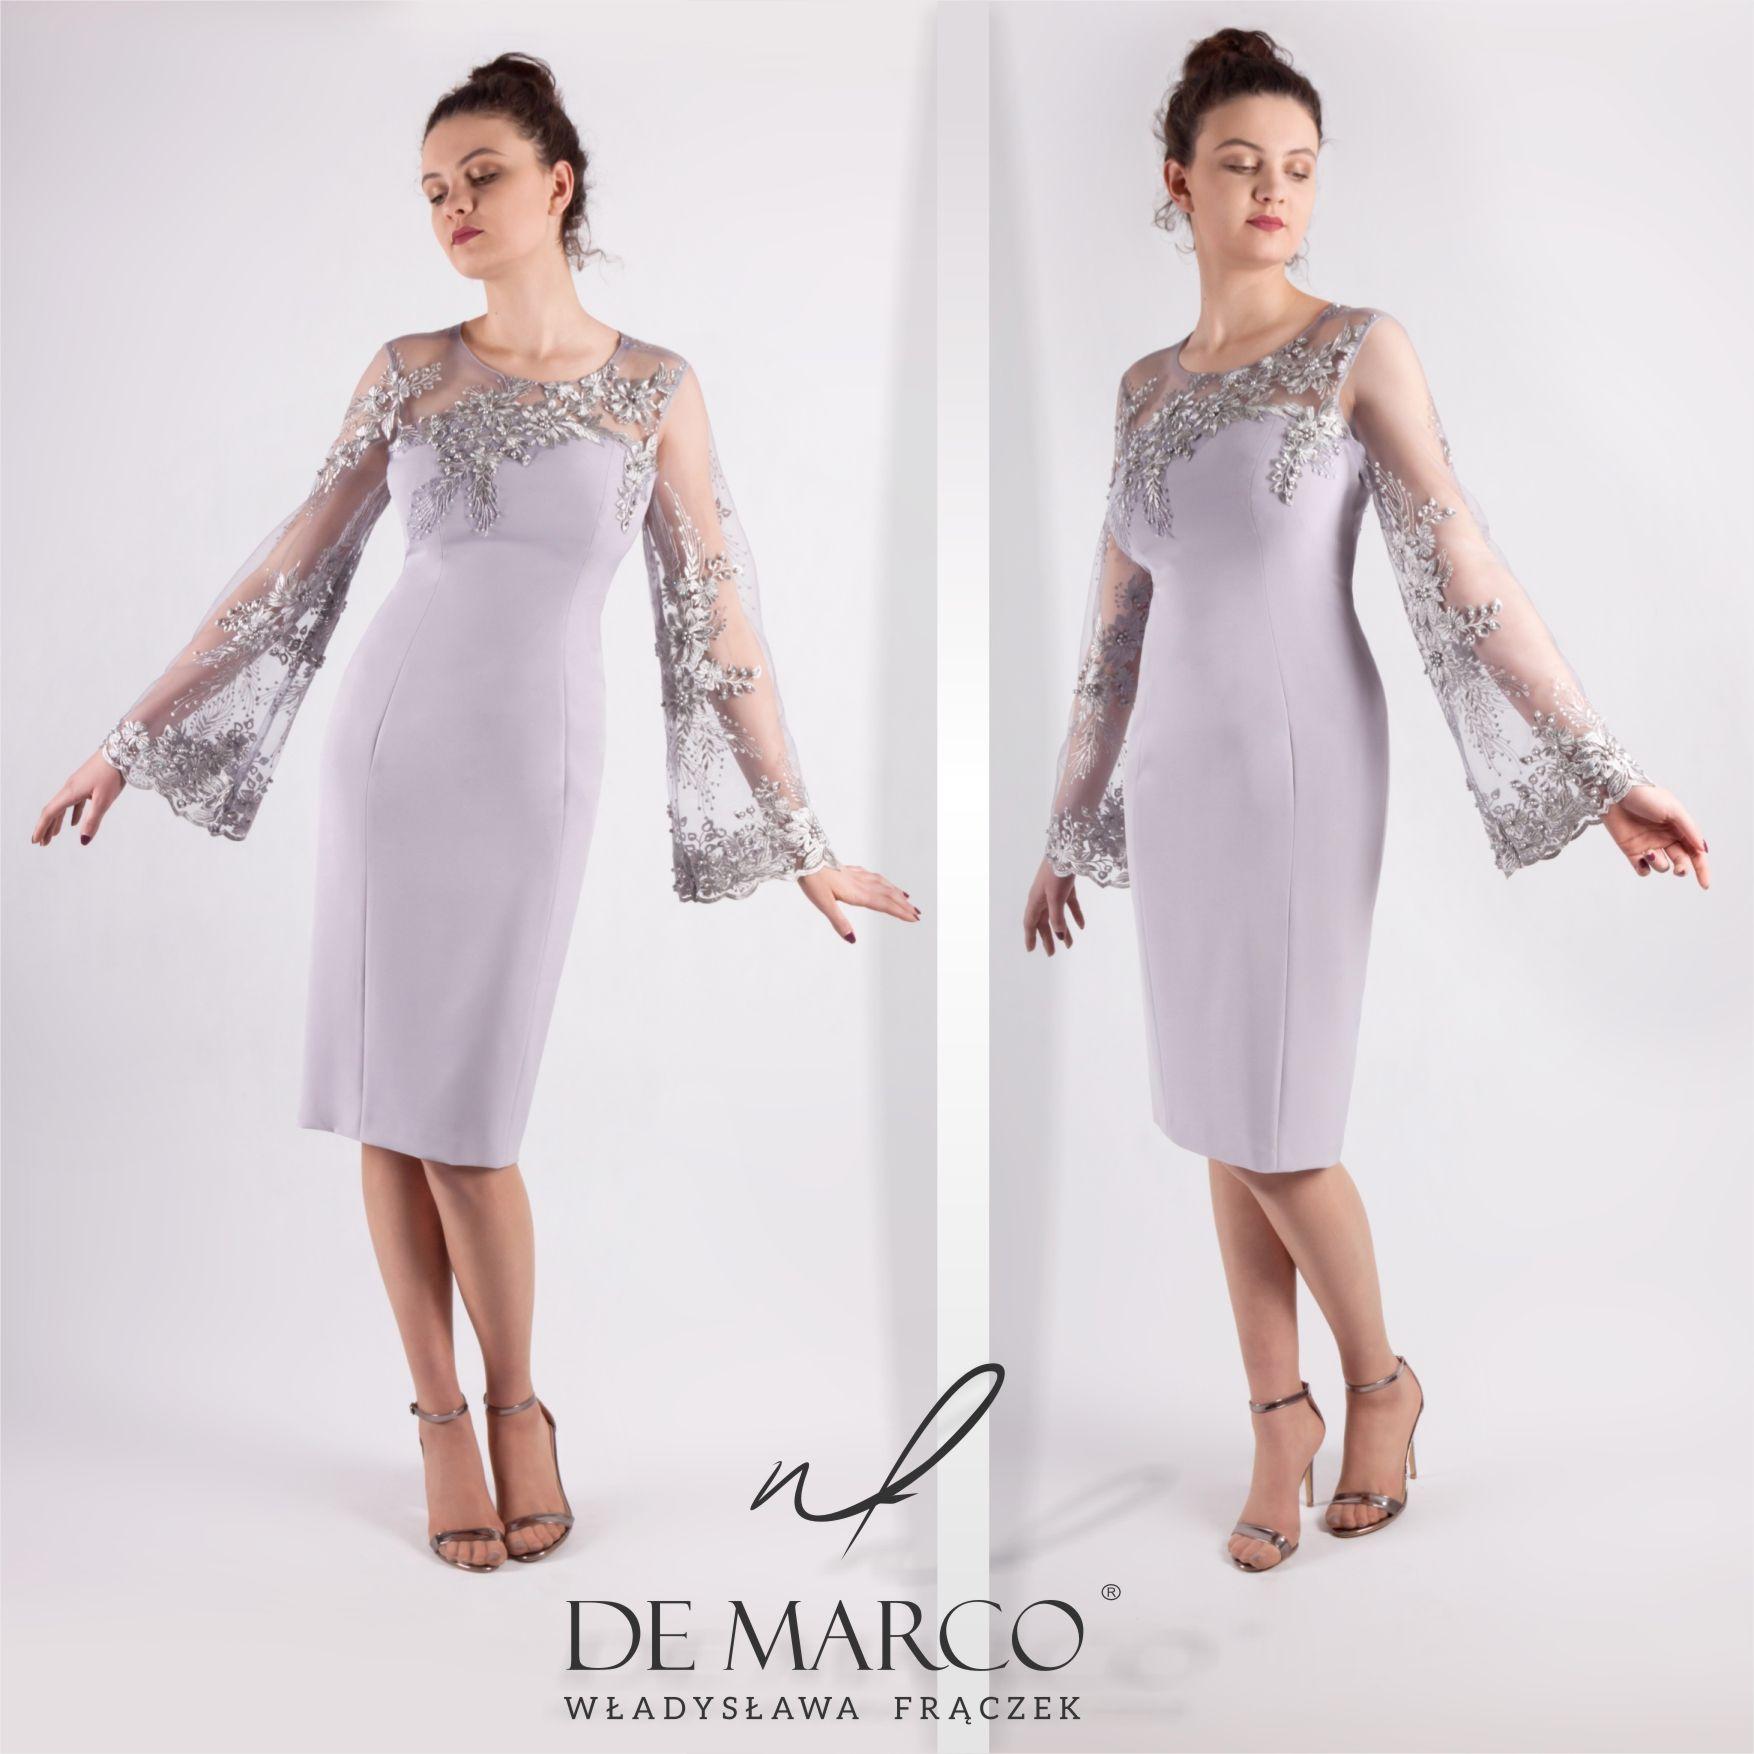 Eleganckie Sukienki Na Wesele Dla Mamy Sklep Polskiej Projektantki Spod Krakowa Salon De Marco Dresses Fashion Cold Shoulder Dress